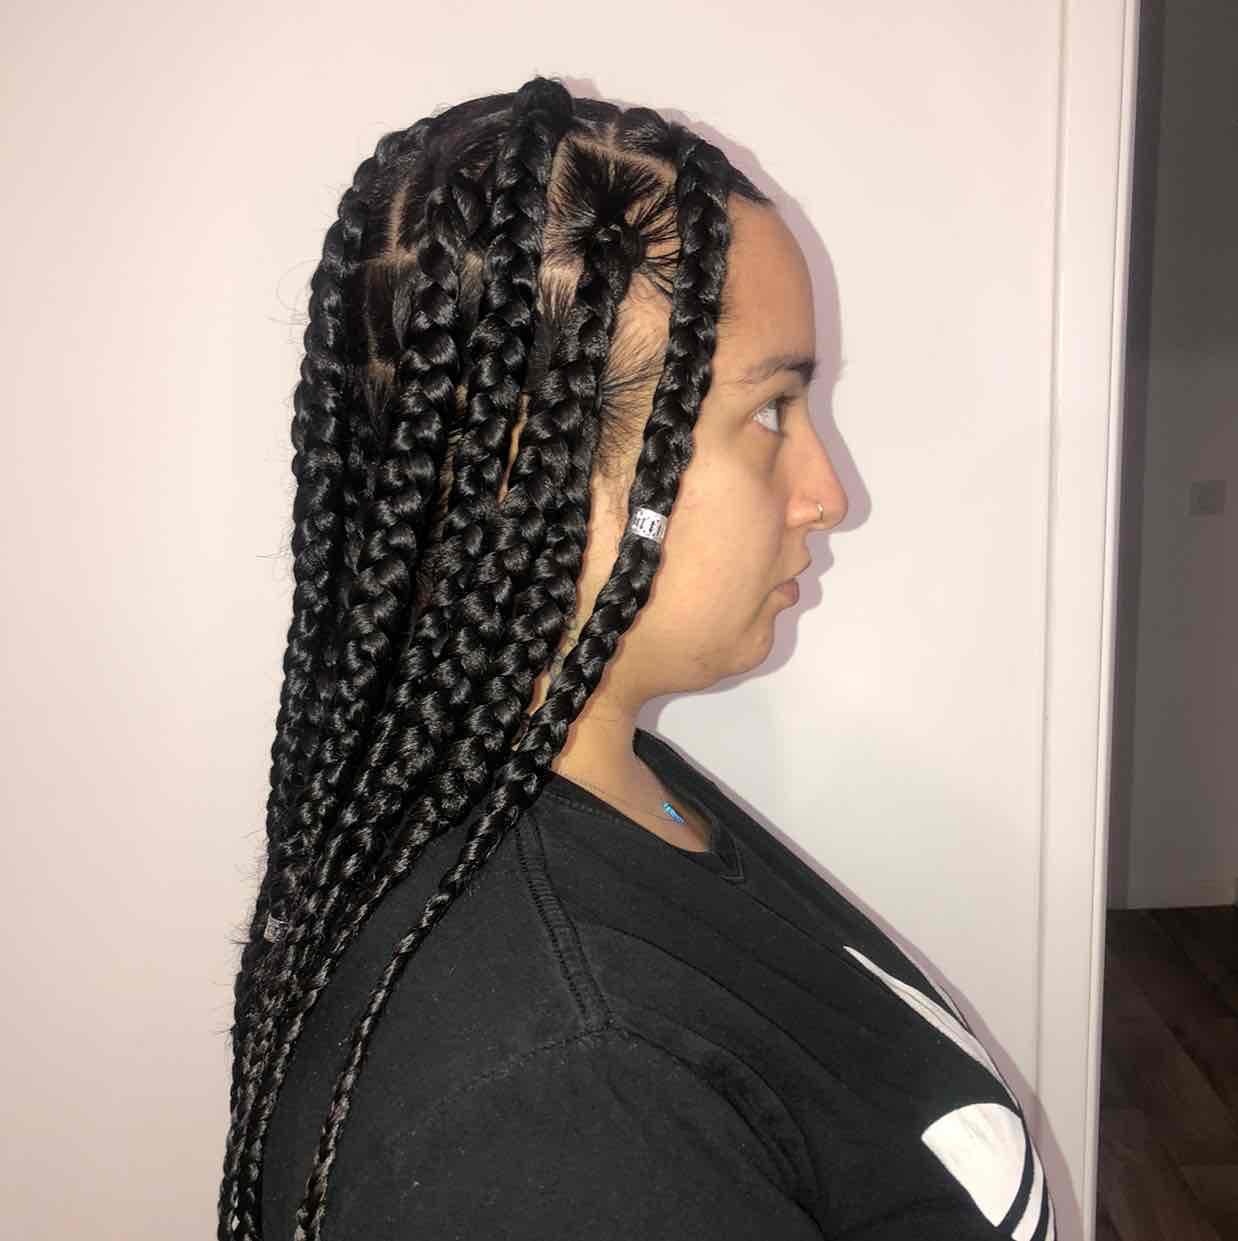 salon de coiffure afro tresse tresses box braids crochet braids vanilles tissages paris 75 77 78 91 92 93 94 95 MCLBRYQH